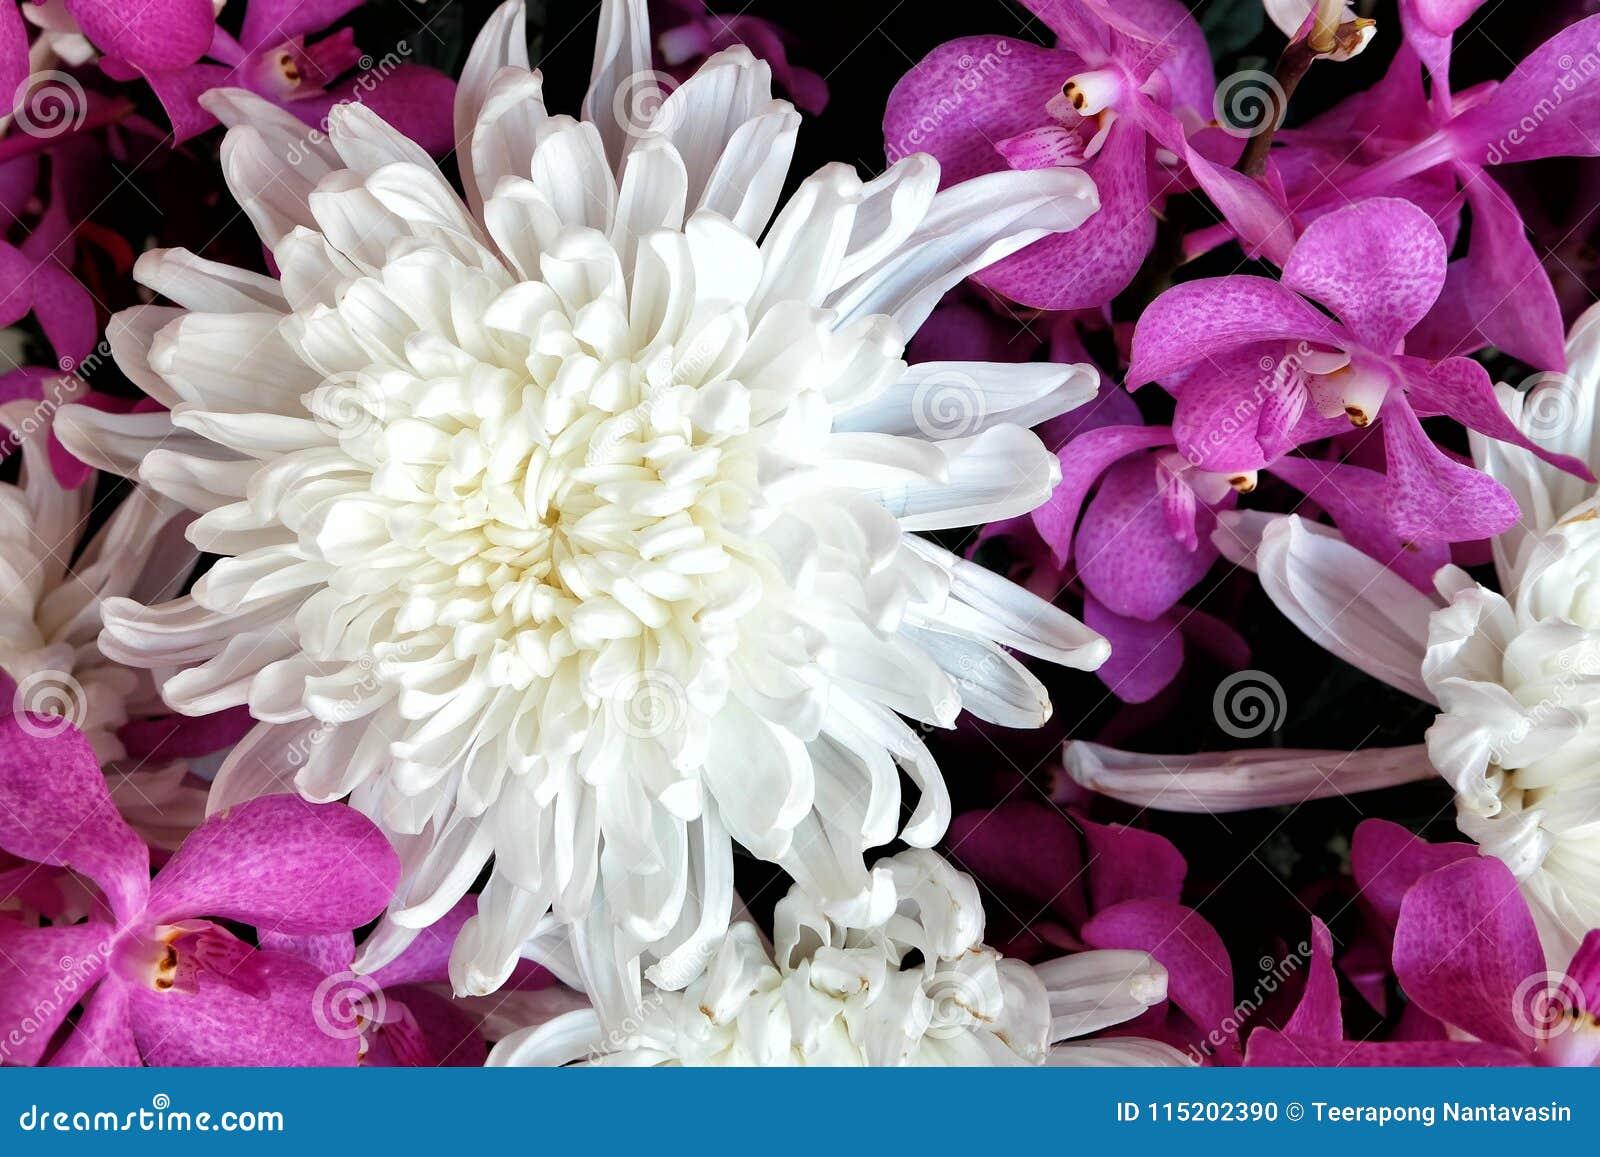 Beautiful white chrysanthemum flower with purple orchid background beautiful white chrysanthemum flower with purple orchid background mightylinksfo